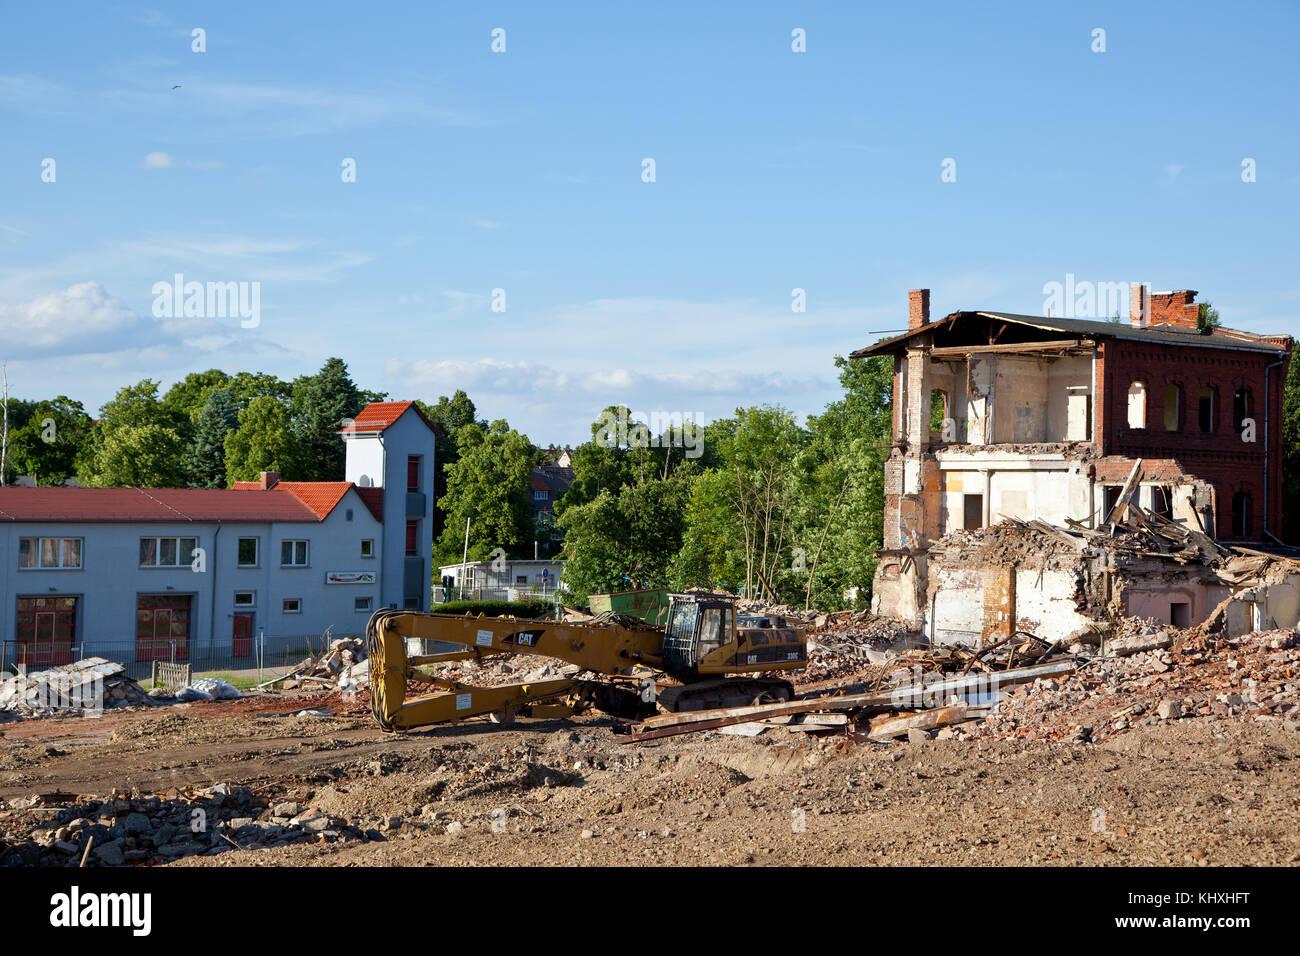 Baustelle Neubau Rewe in Harzgerode - Stock Image